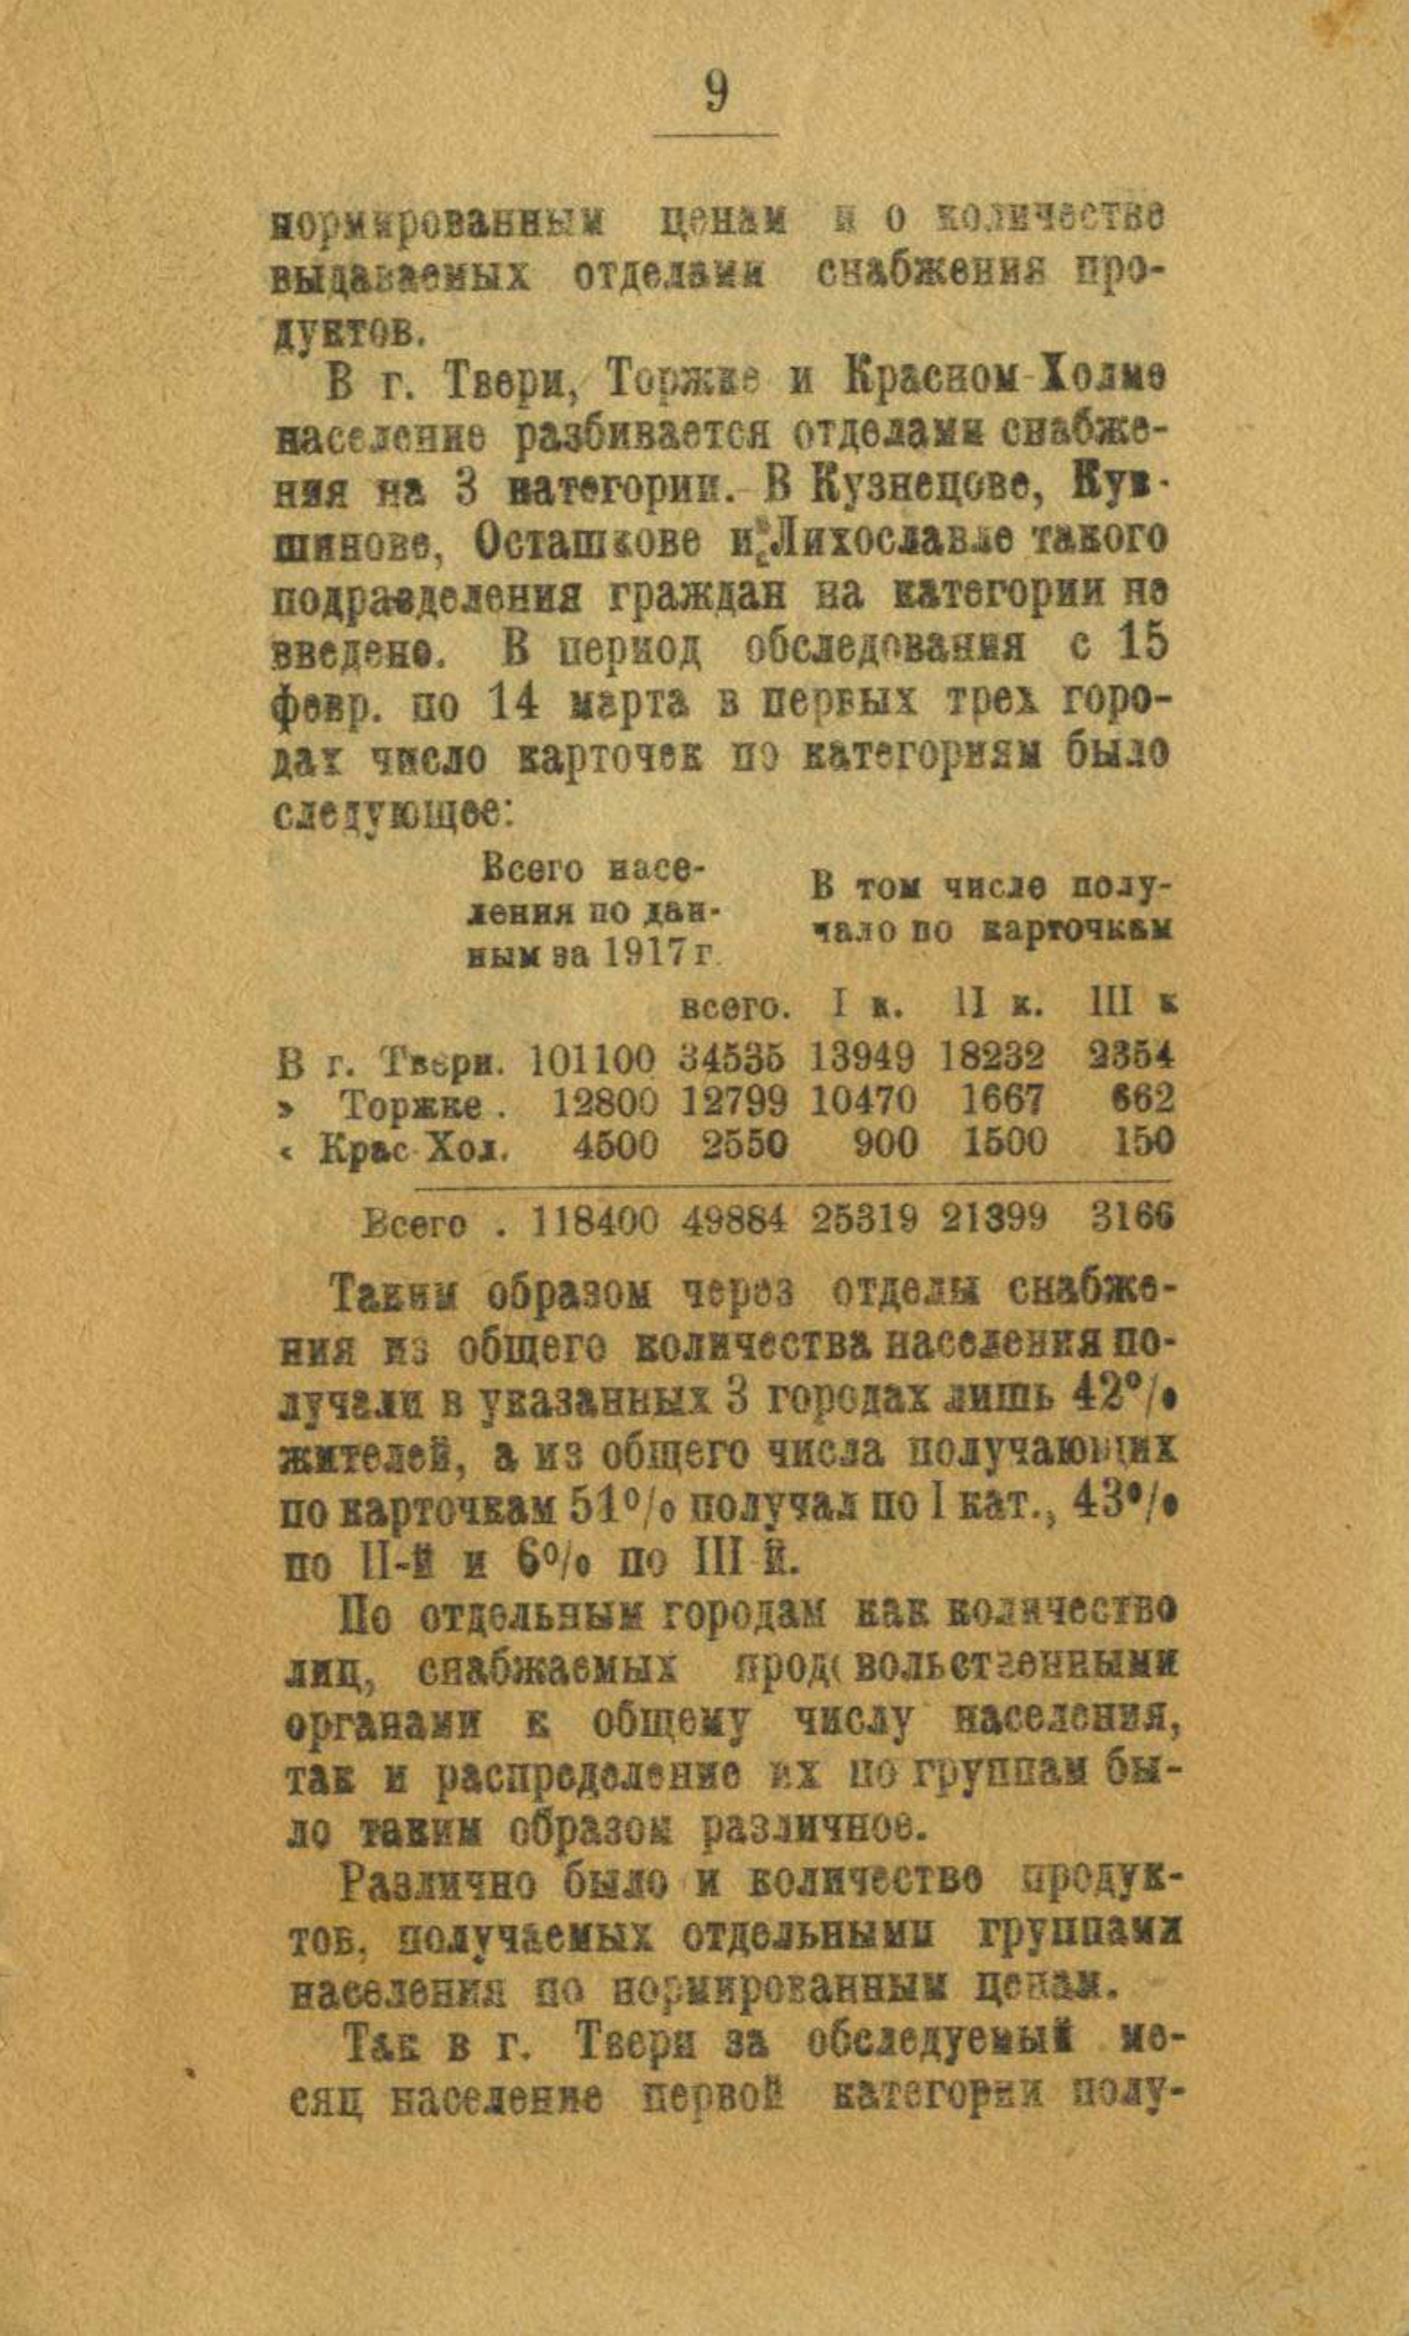 О питании населения городов и рабочих поселков Тверской губернии в 1919 году